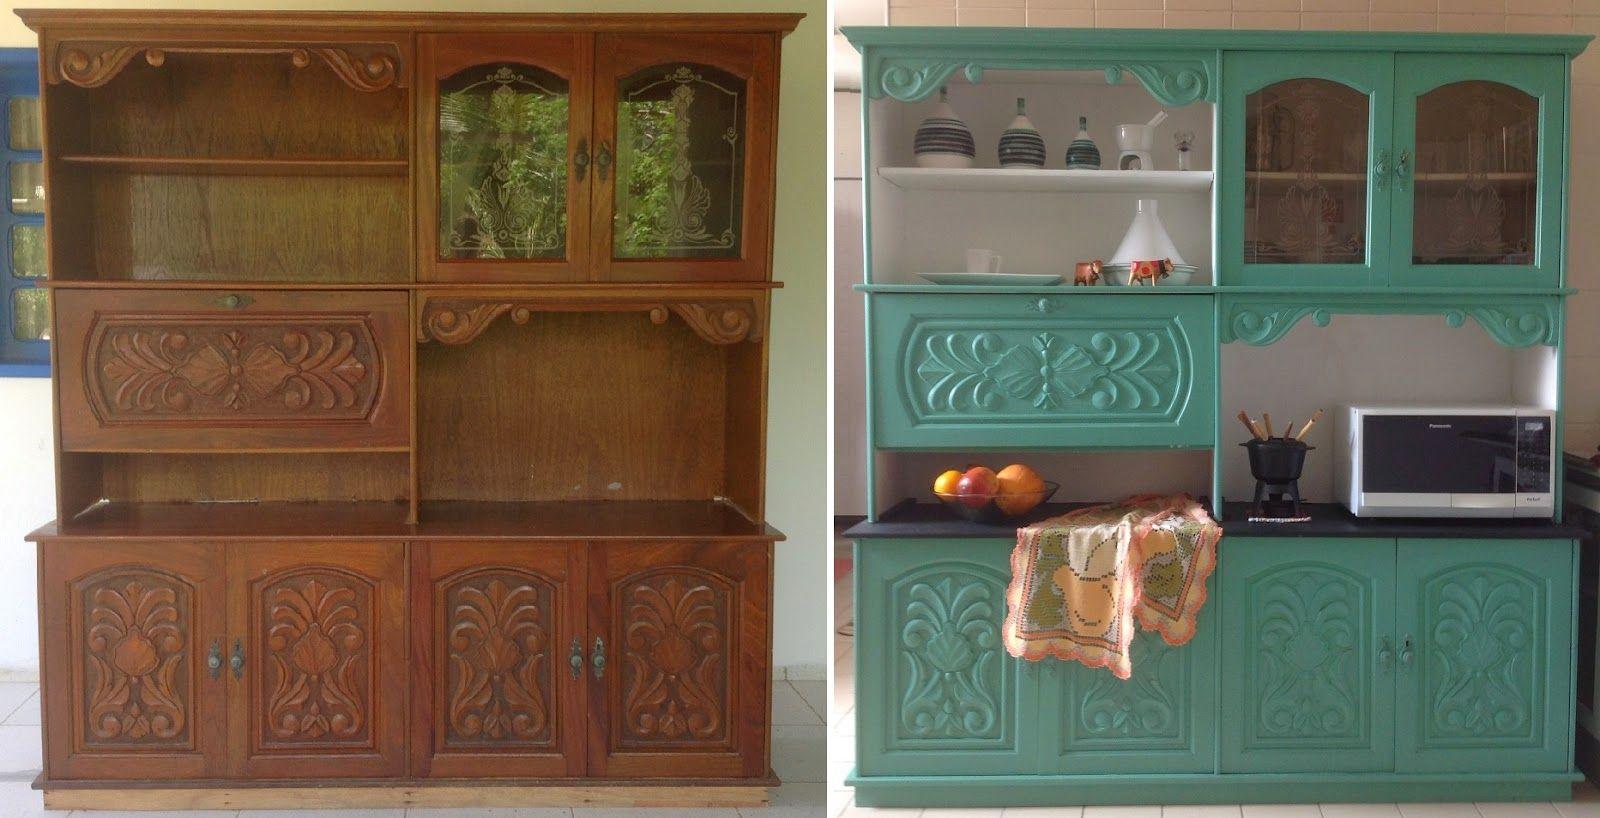 Armarios Para Jardin Ikea ~ Restauraç u00e3o de Armário de Cozinha Restauro Pinterest Pincel pintura, Armário de madeira e